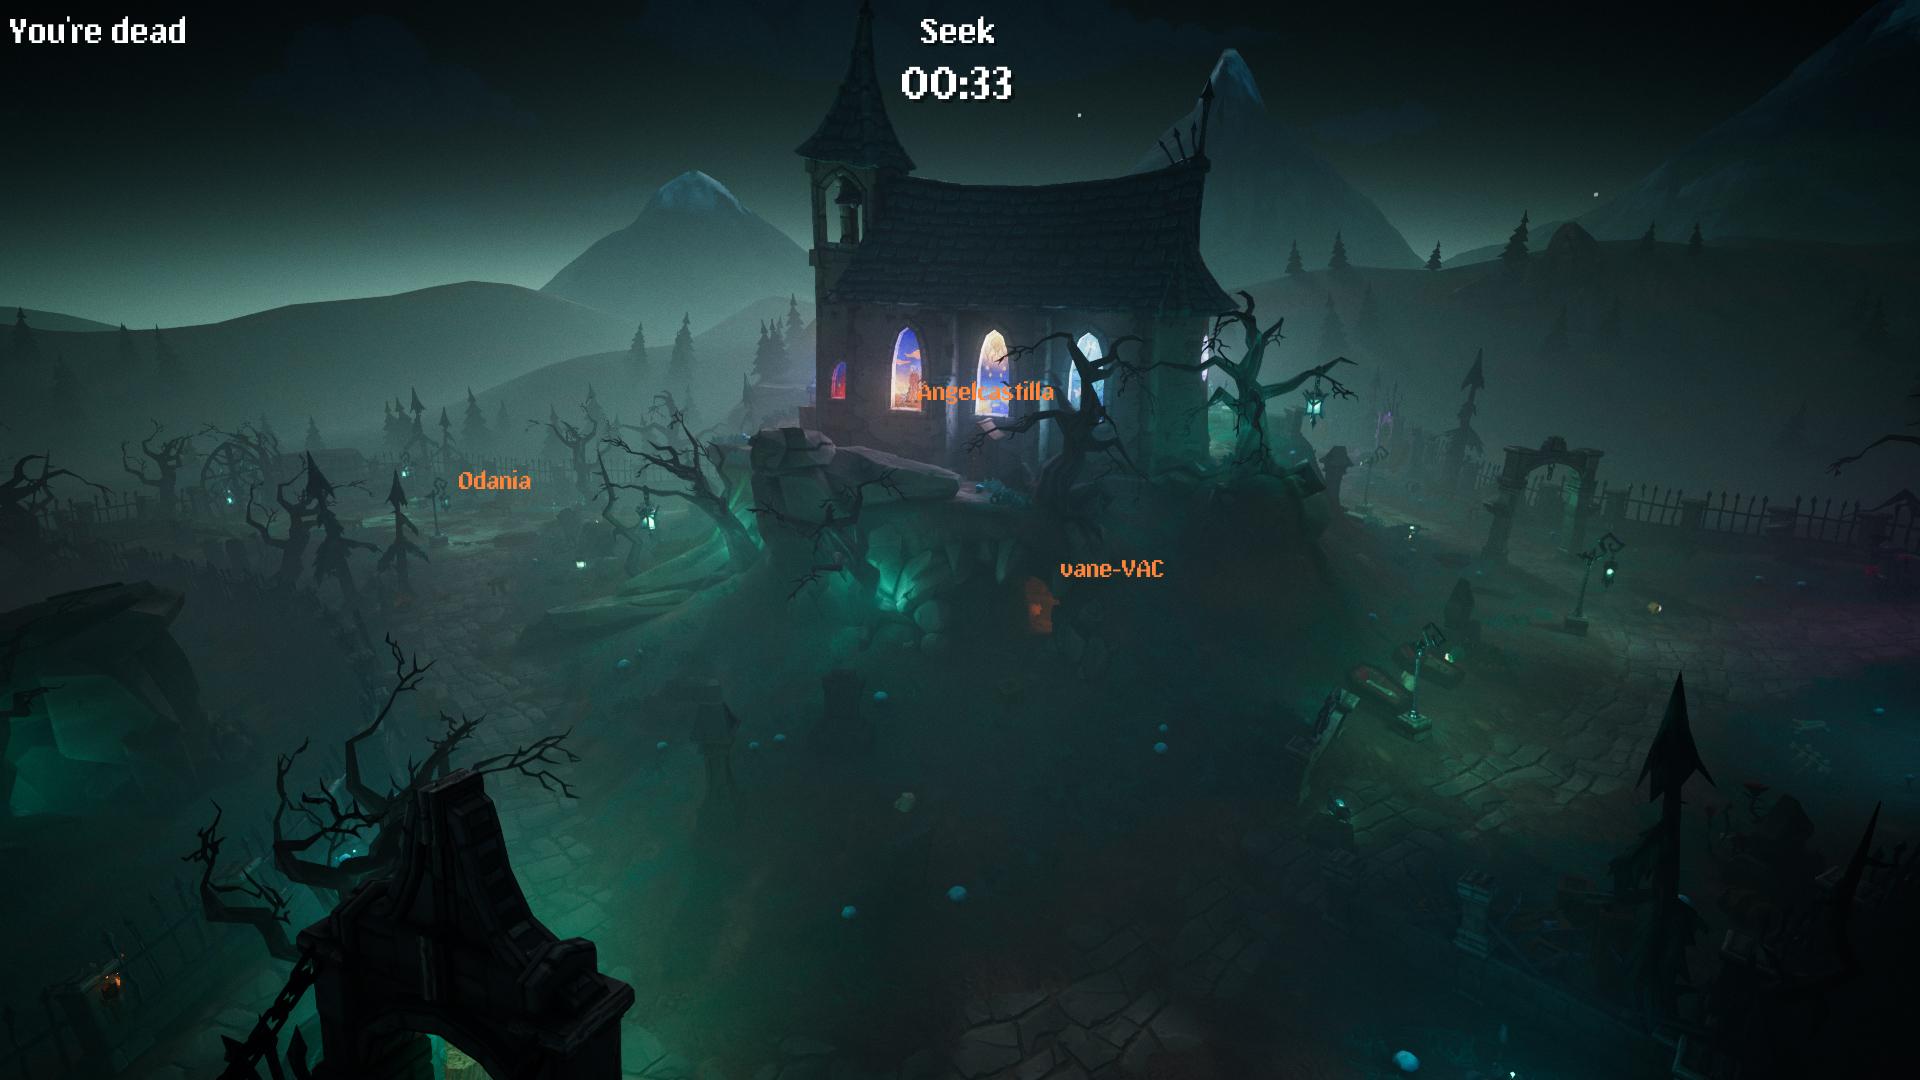 En chipotant un peu, on pourrait dire que certains niveaux sont un poil trop vastes pour 16 joueurs. Mais nom de Zeus, qu'est-ce que c'est mignon à regarder.